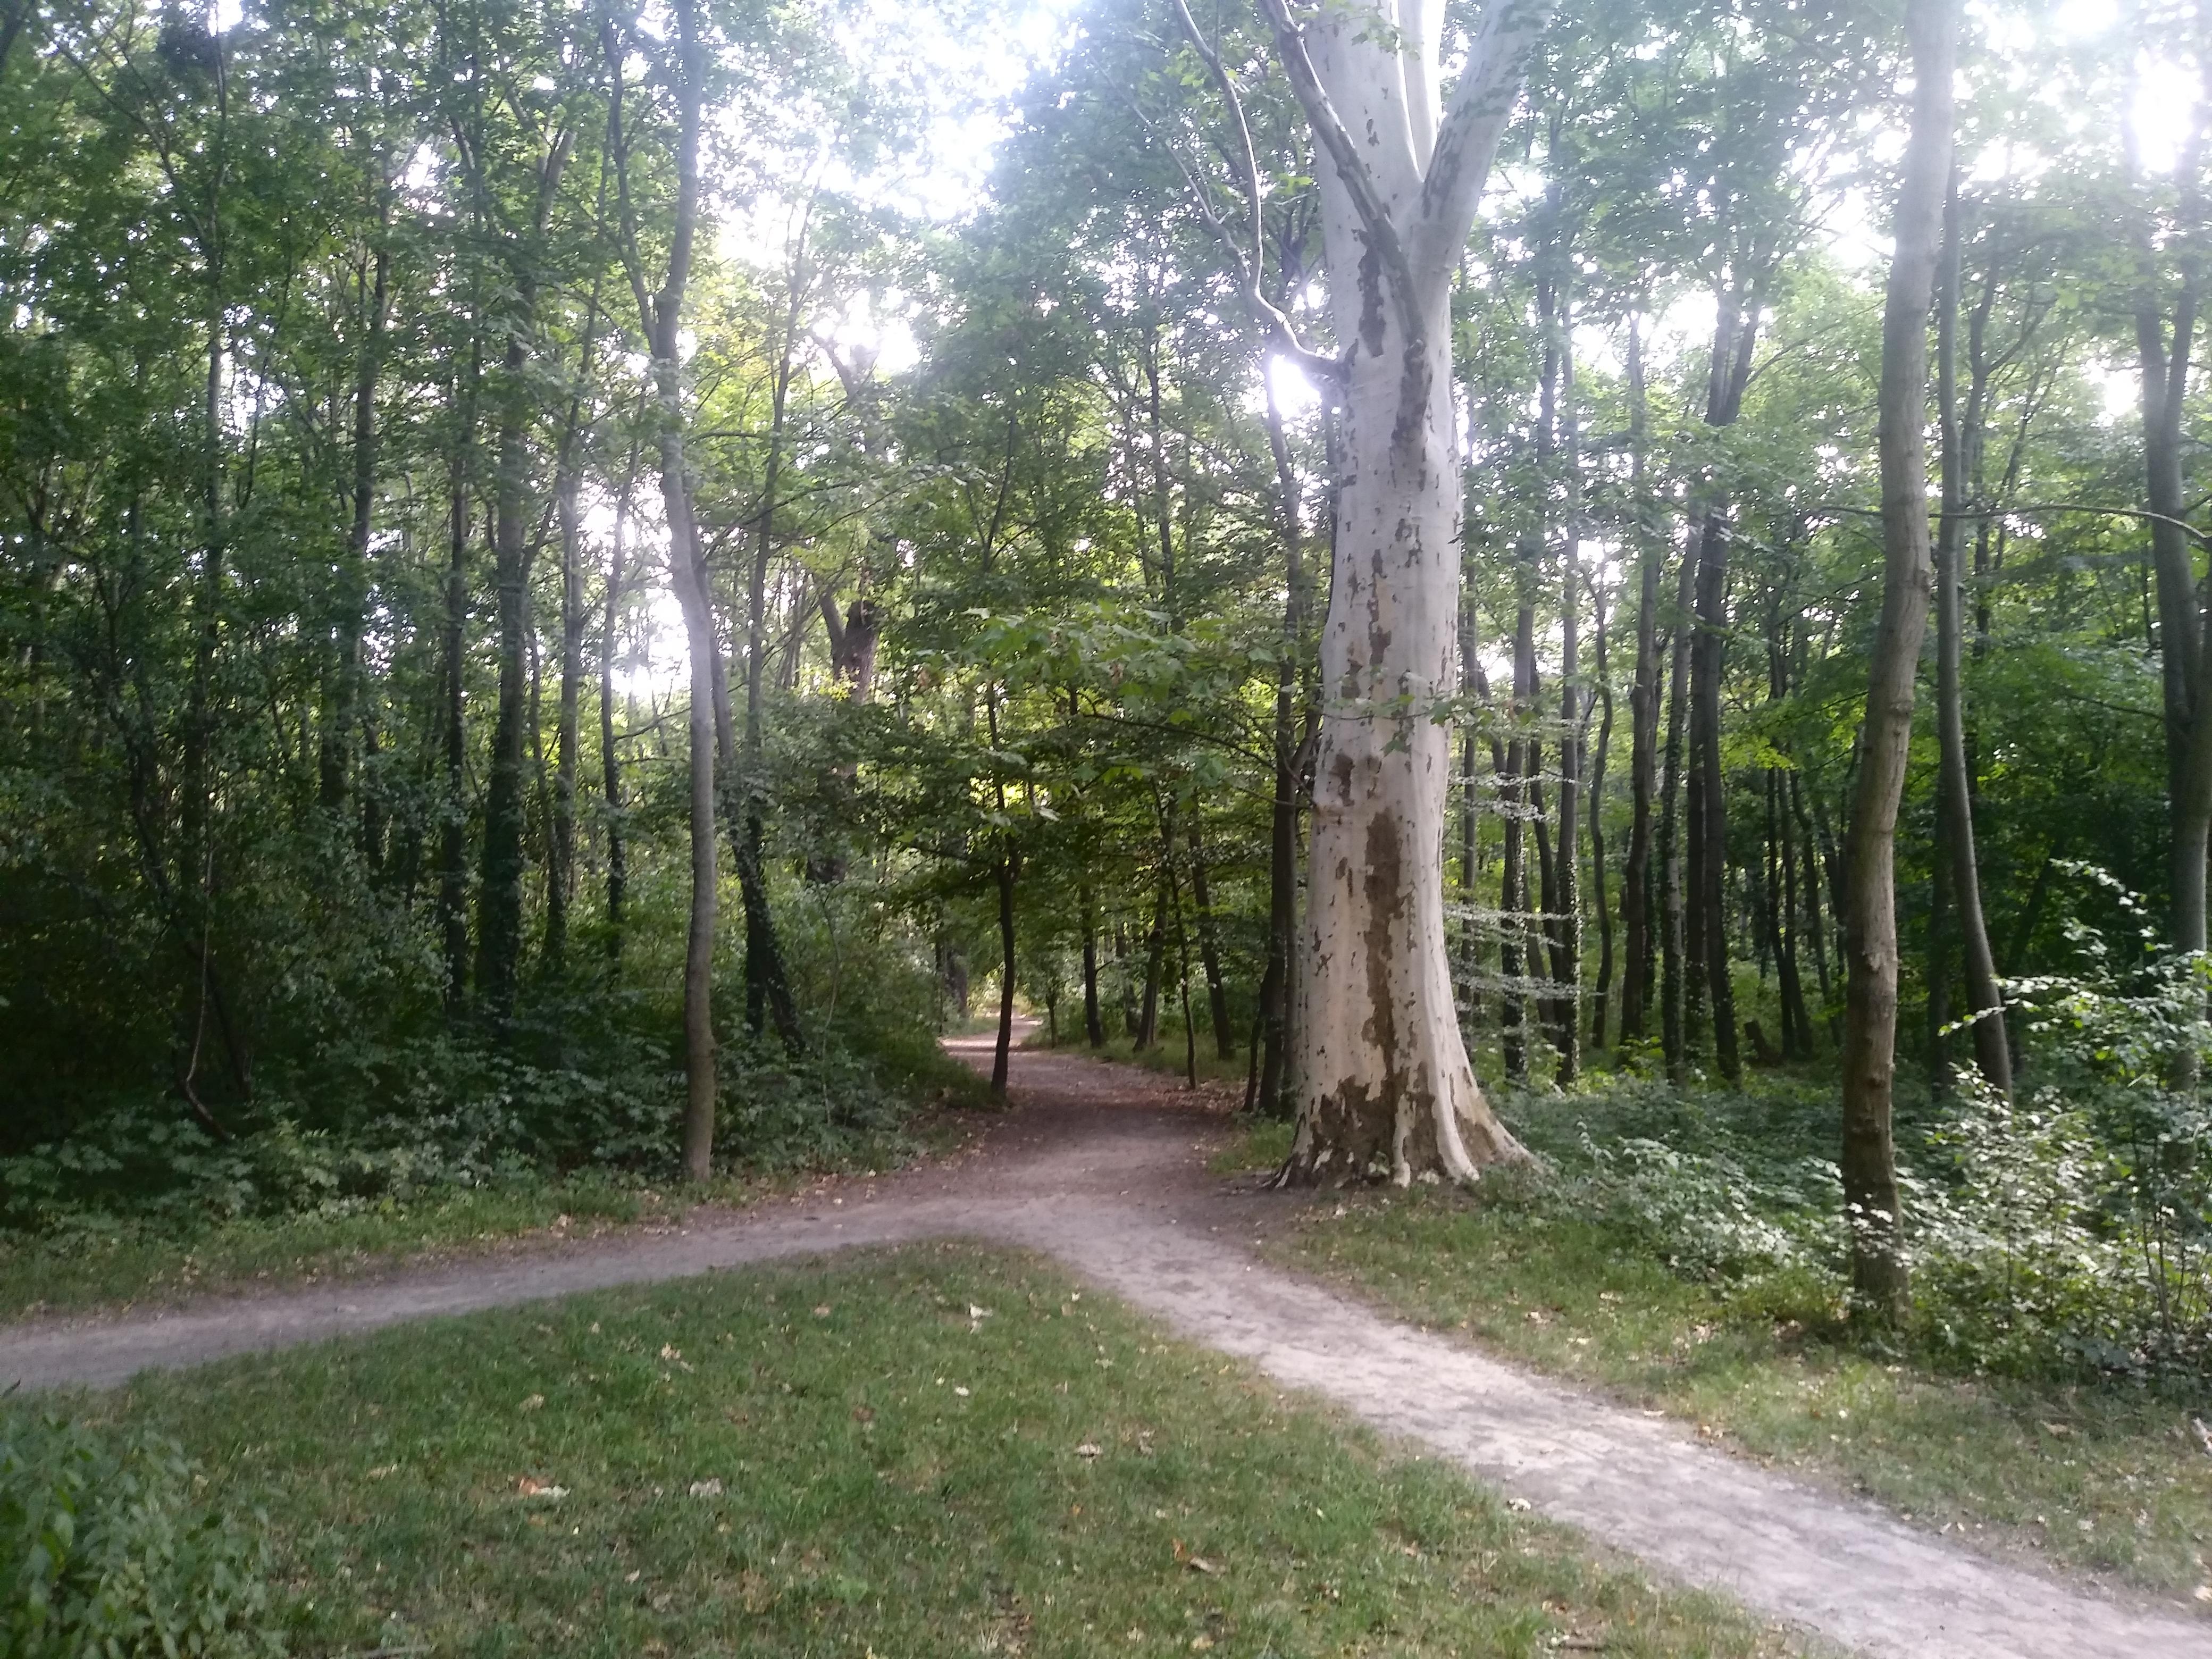 Von der U-Bahn braucht es im Prater nur wenige Minuten zu Fuß, bis man in verwunschen wirkende Auwälder eintauchen kann.